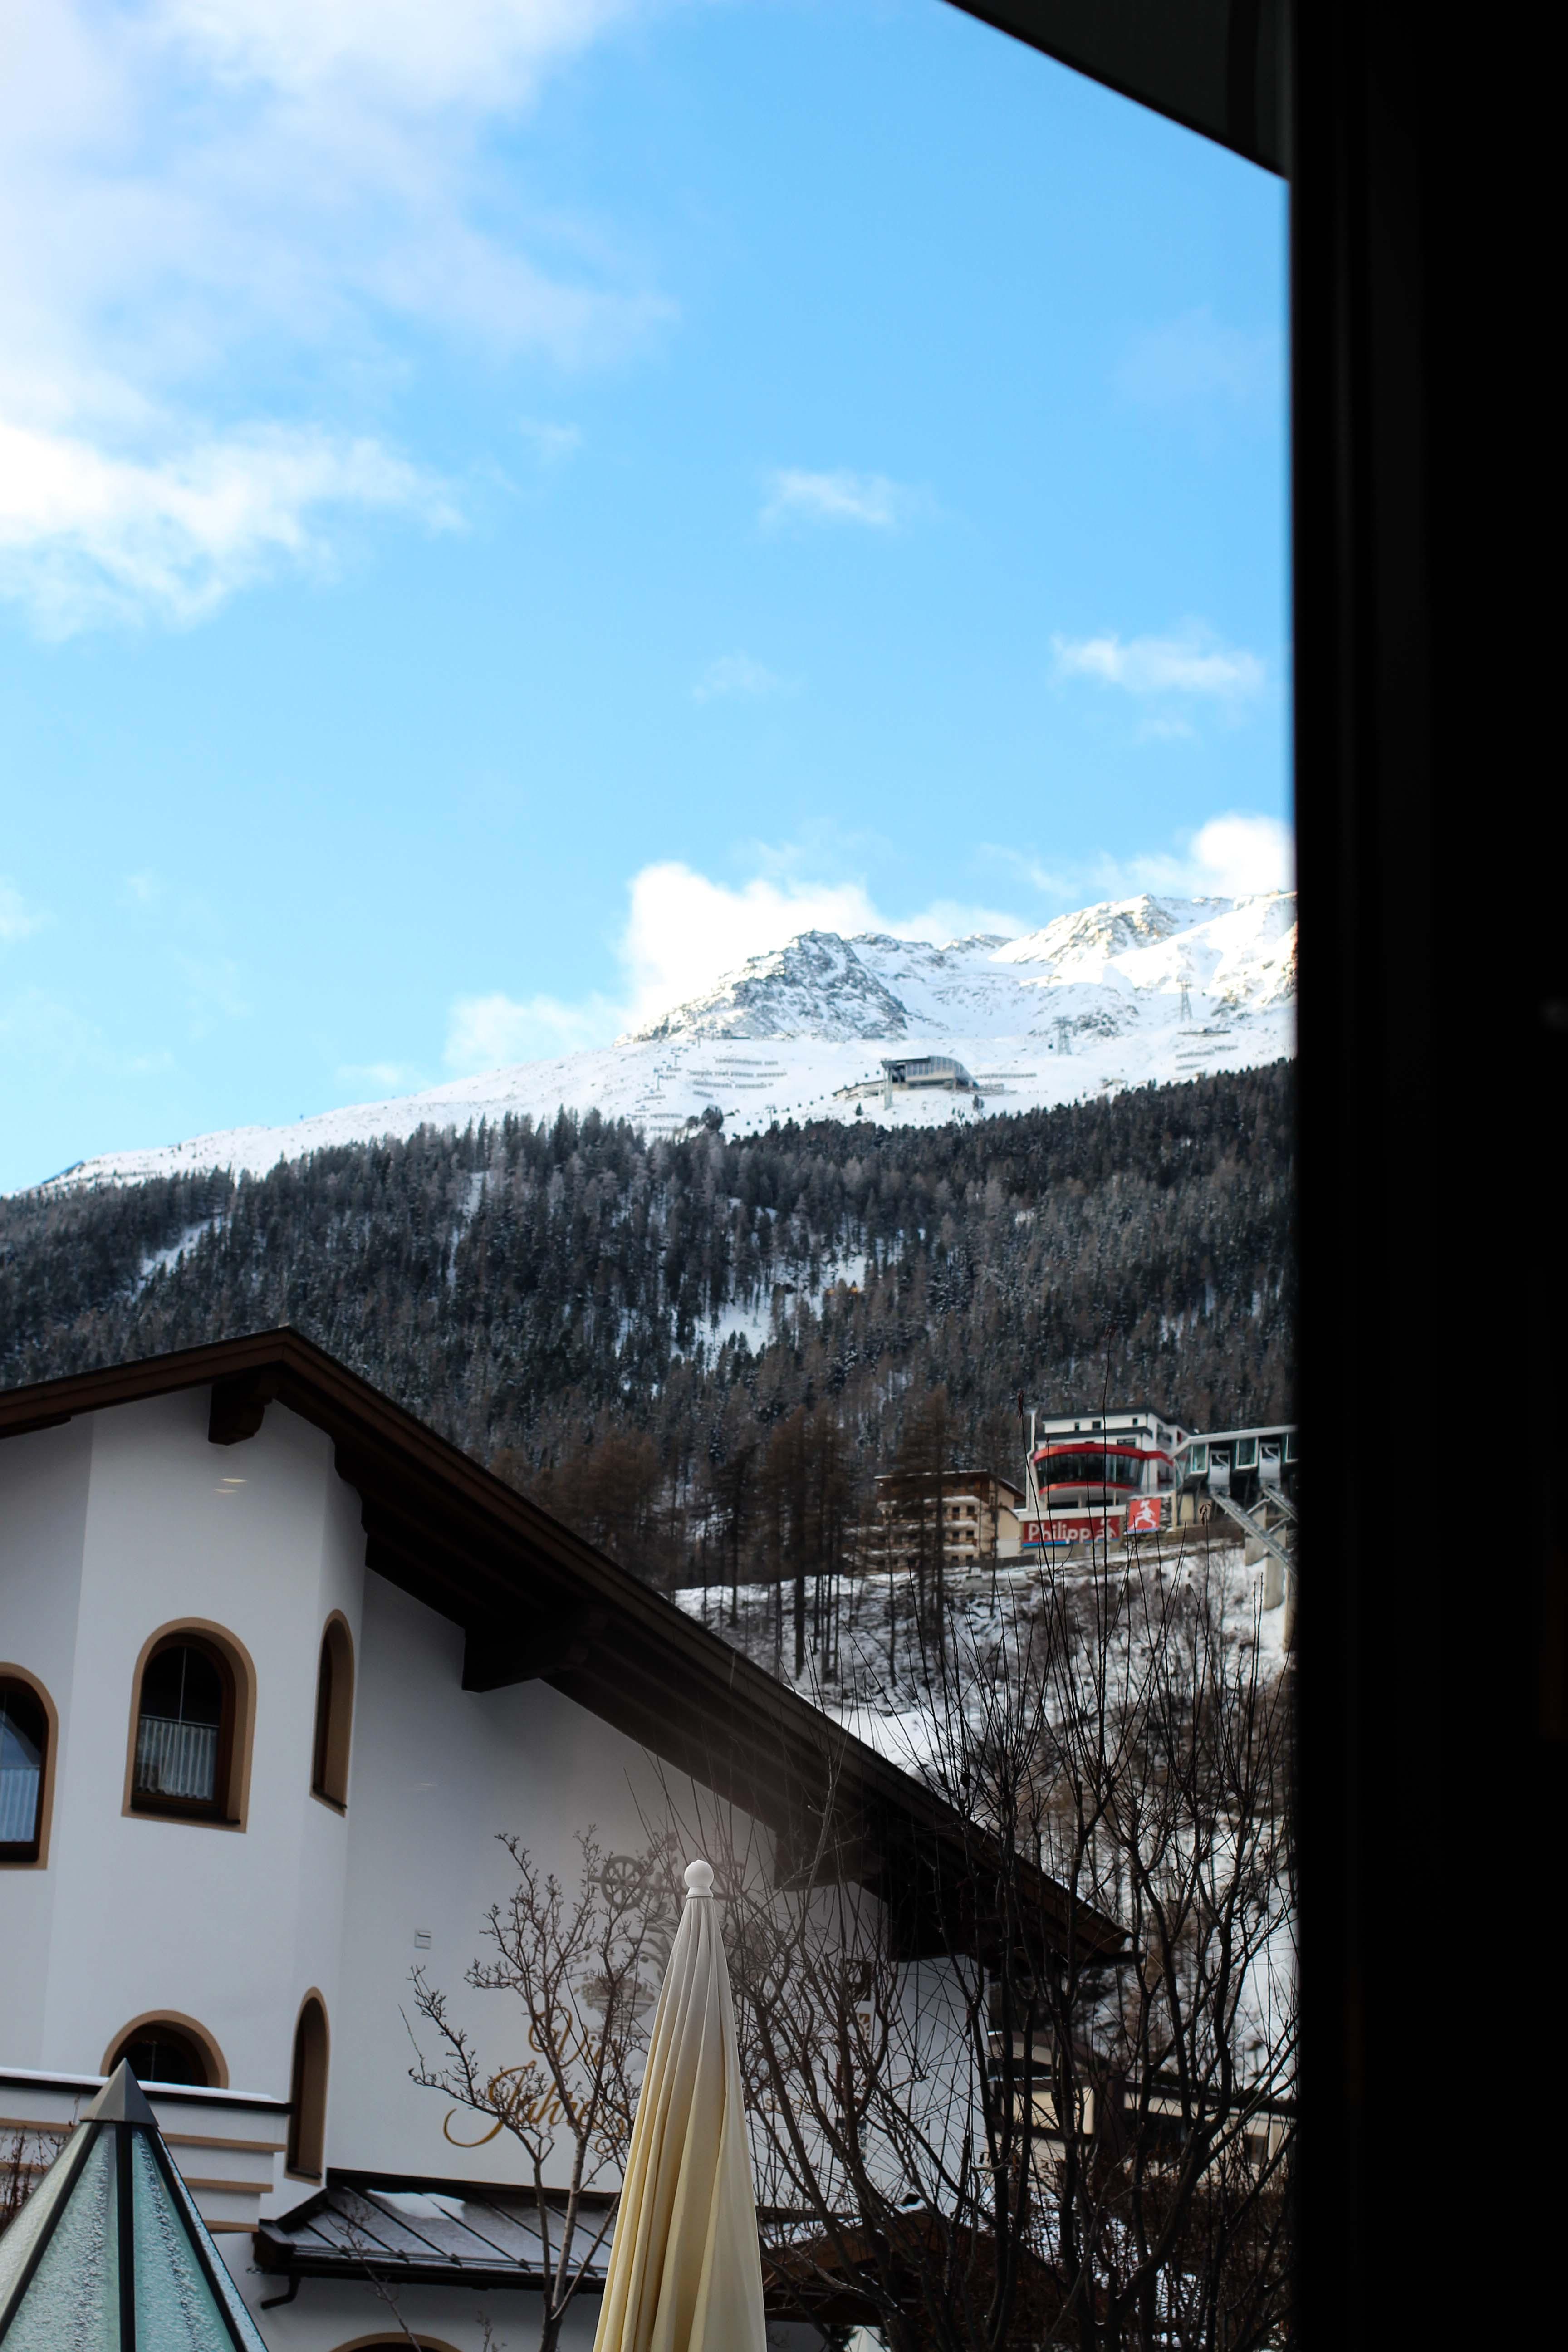 Gourmethotel Sölden modernes Restaurant Feinspitz Aussicht Das Central Sölden Luxushotel Sölden Tirol Österreich Winterurlaub Reiseblog